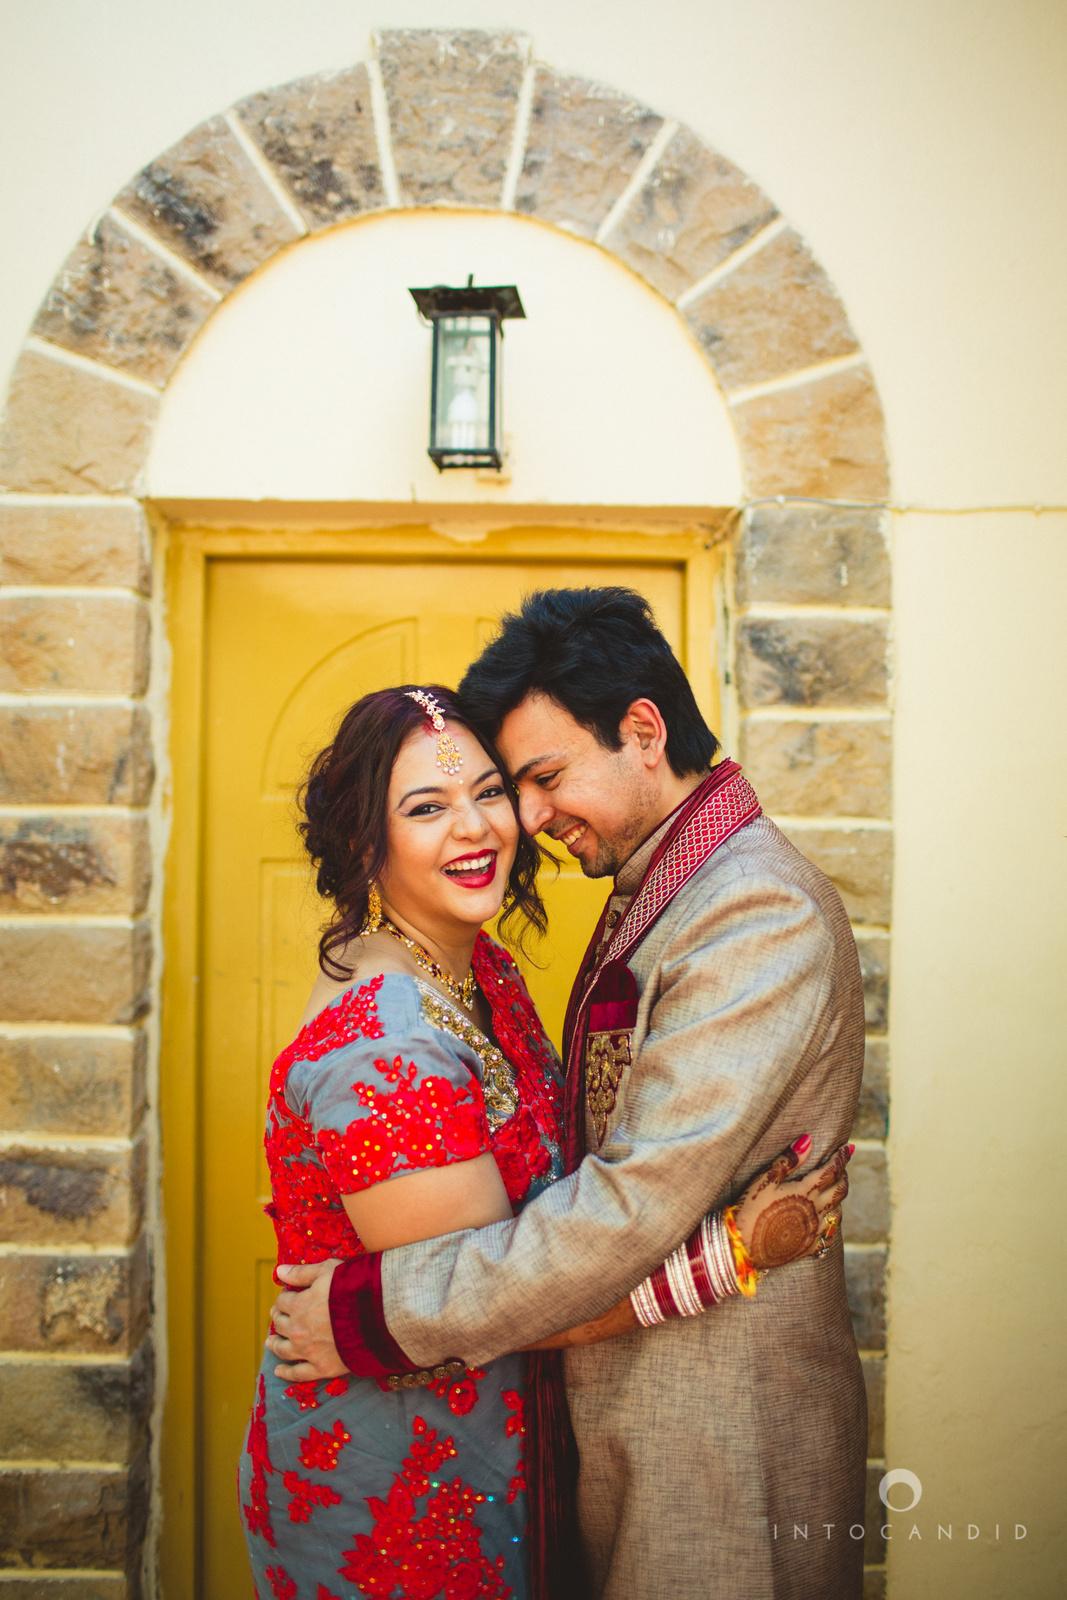 juhuhotel-mumbai-hindu-wedding-photography-intocandid-photography-nj-33.jpg